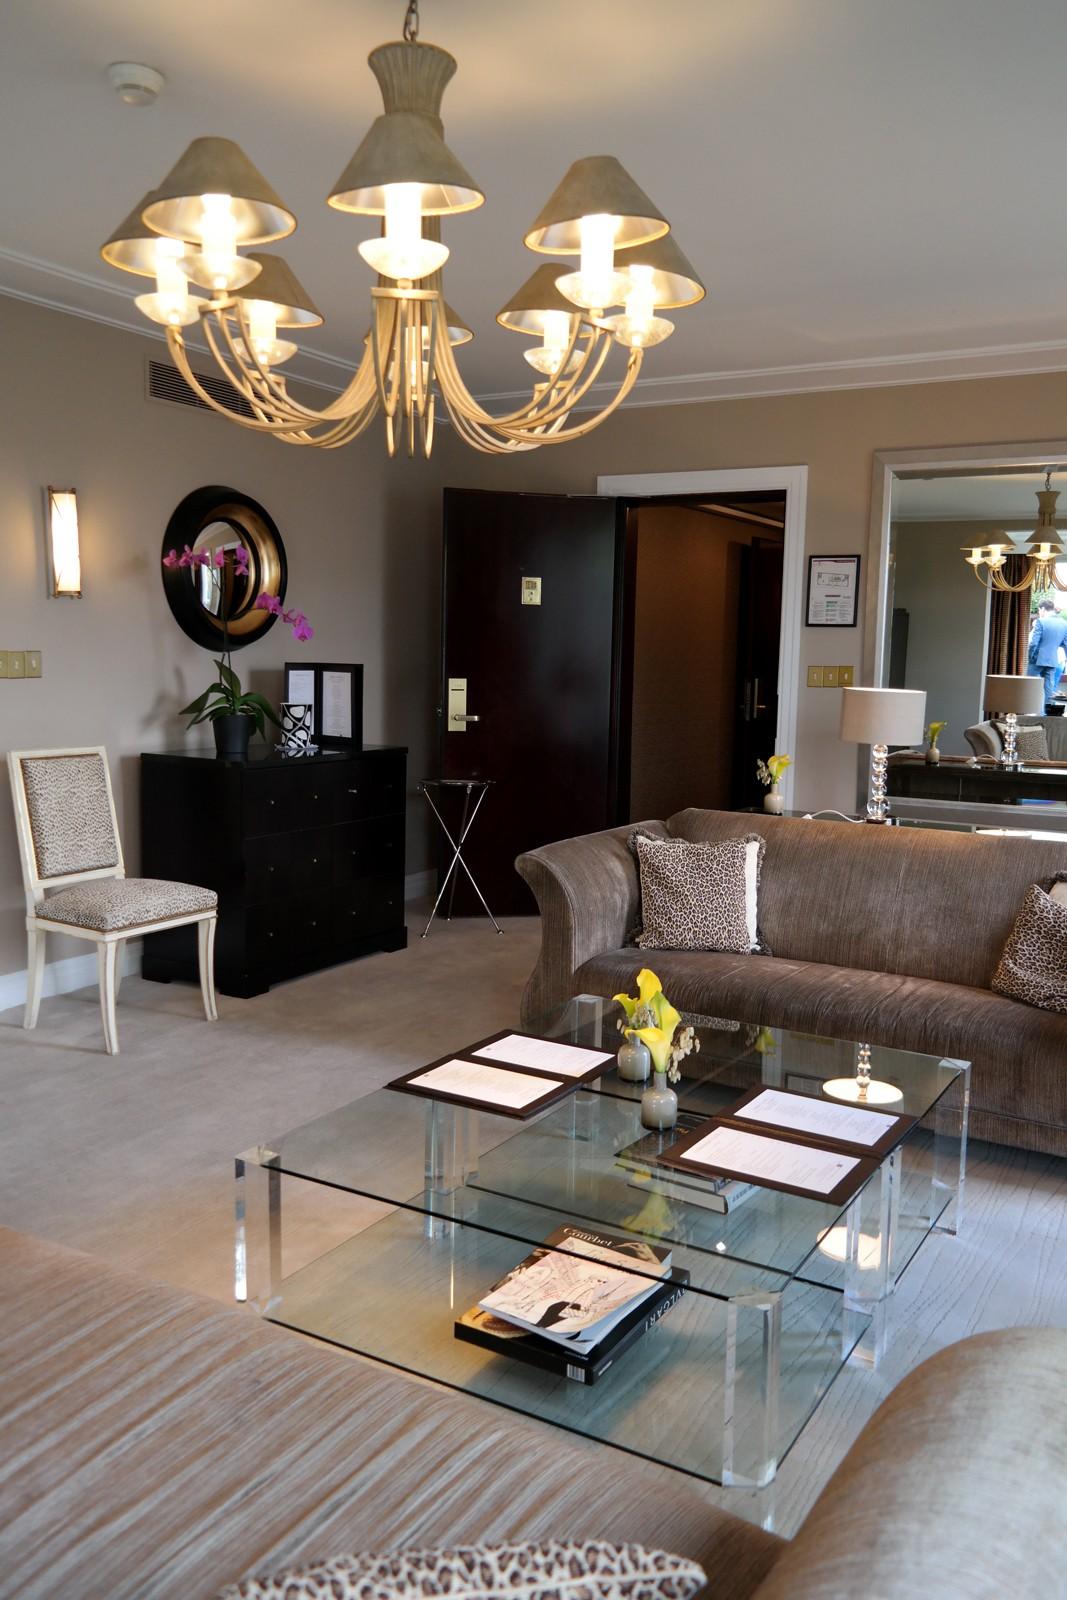 Salon-de-la-suite-présidentielle-avec-terrasse-privée-Hotel-Warwick-Champs-Elysées-4-étoiles-rue-de-Berri-photo-by-united-states-of-paris-blog